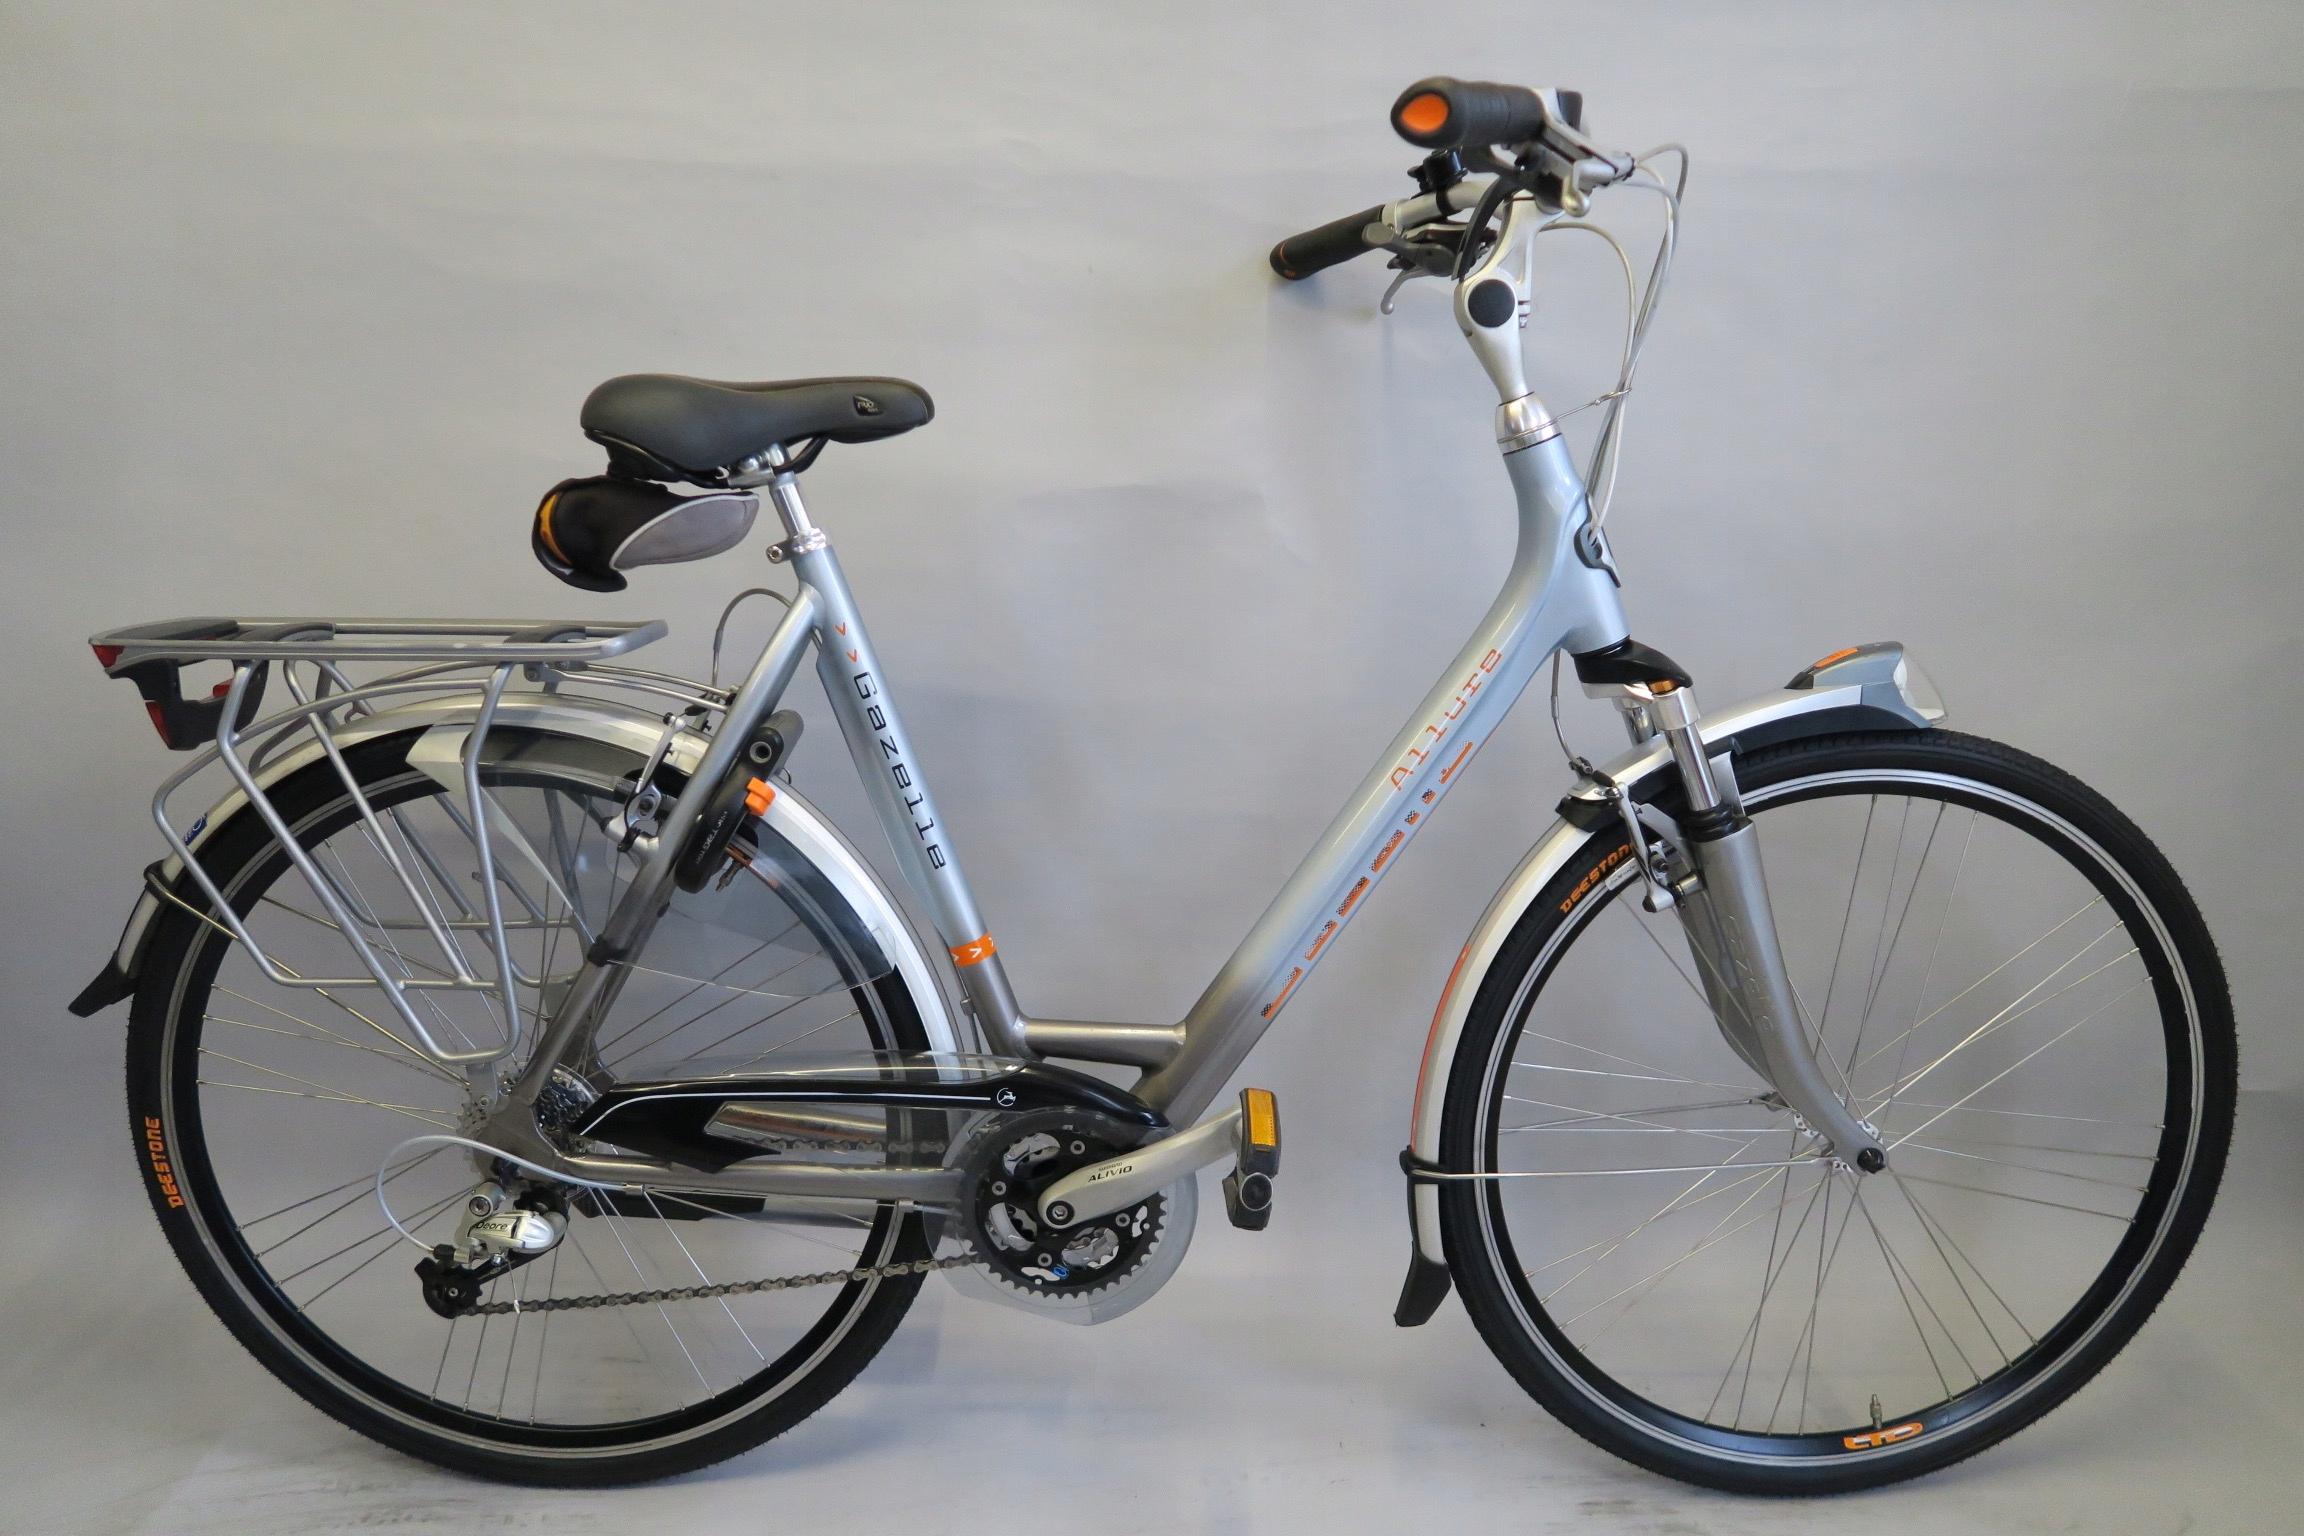 Markowy rower holenderski Gazelle Allure bdb stan